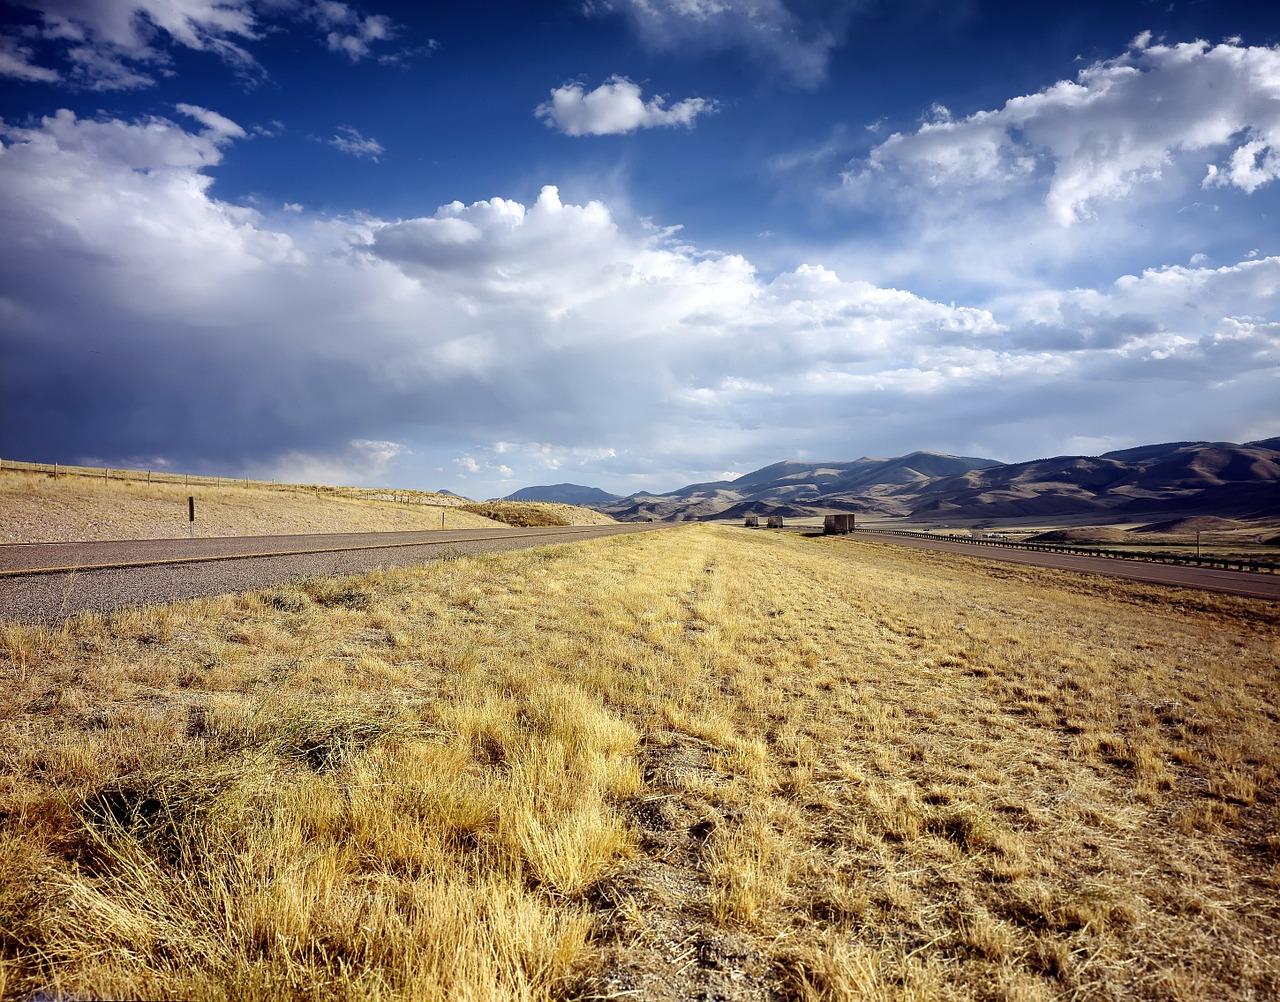 アイダホ州はポテトが有名?日本との時差は?観光・治安情報も調べてみた!